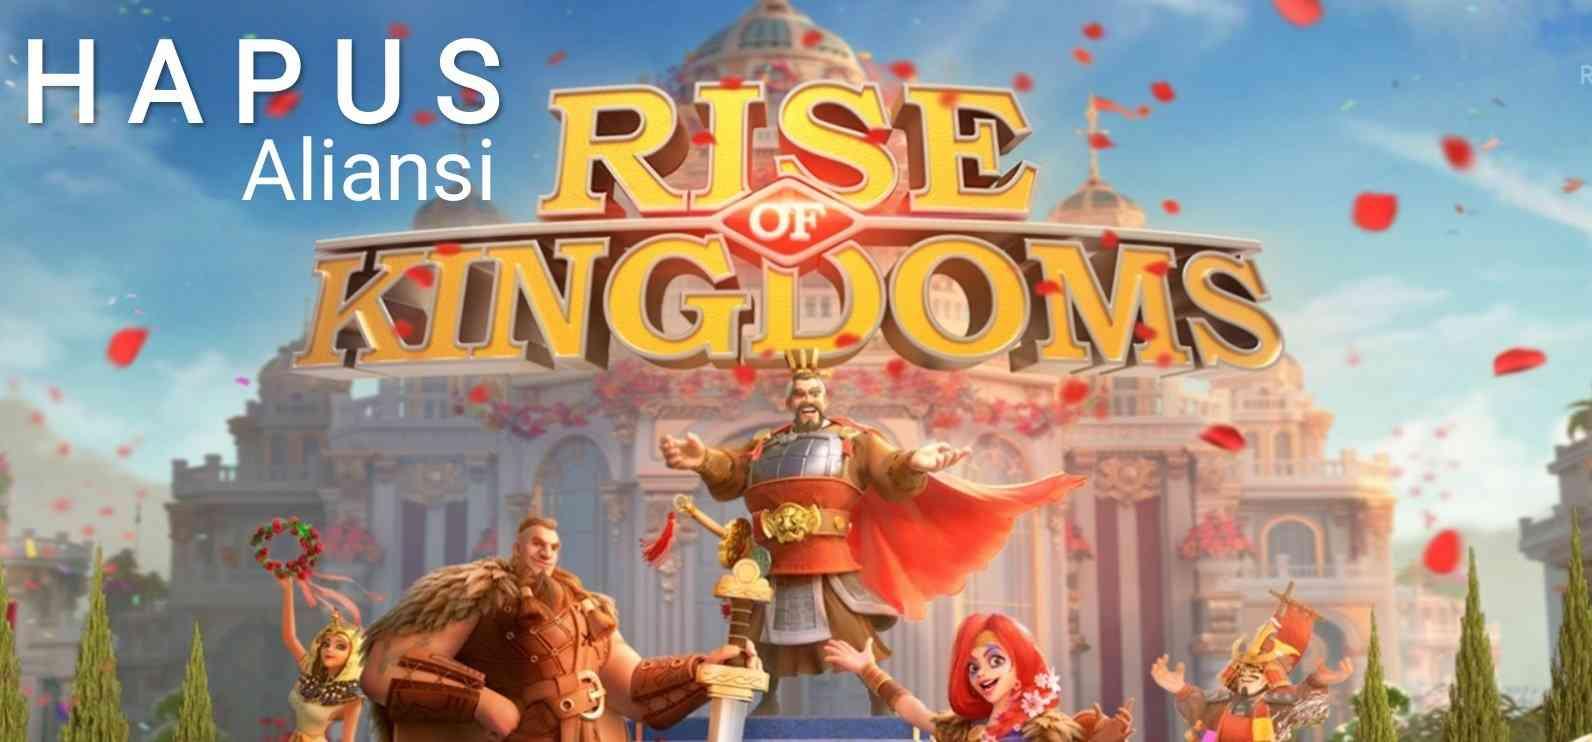 cara hapus aliansi rise of kingdoms